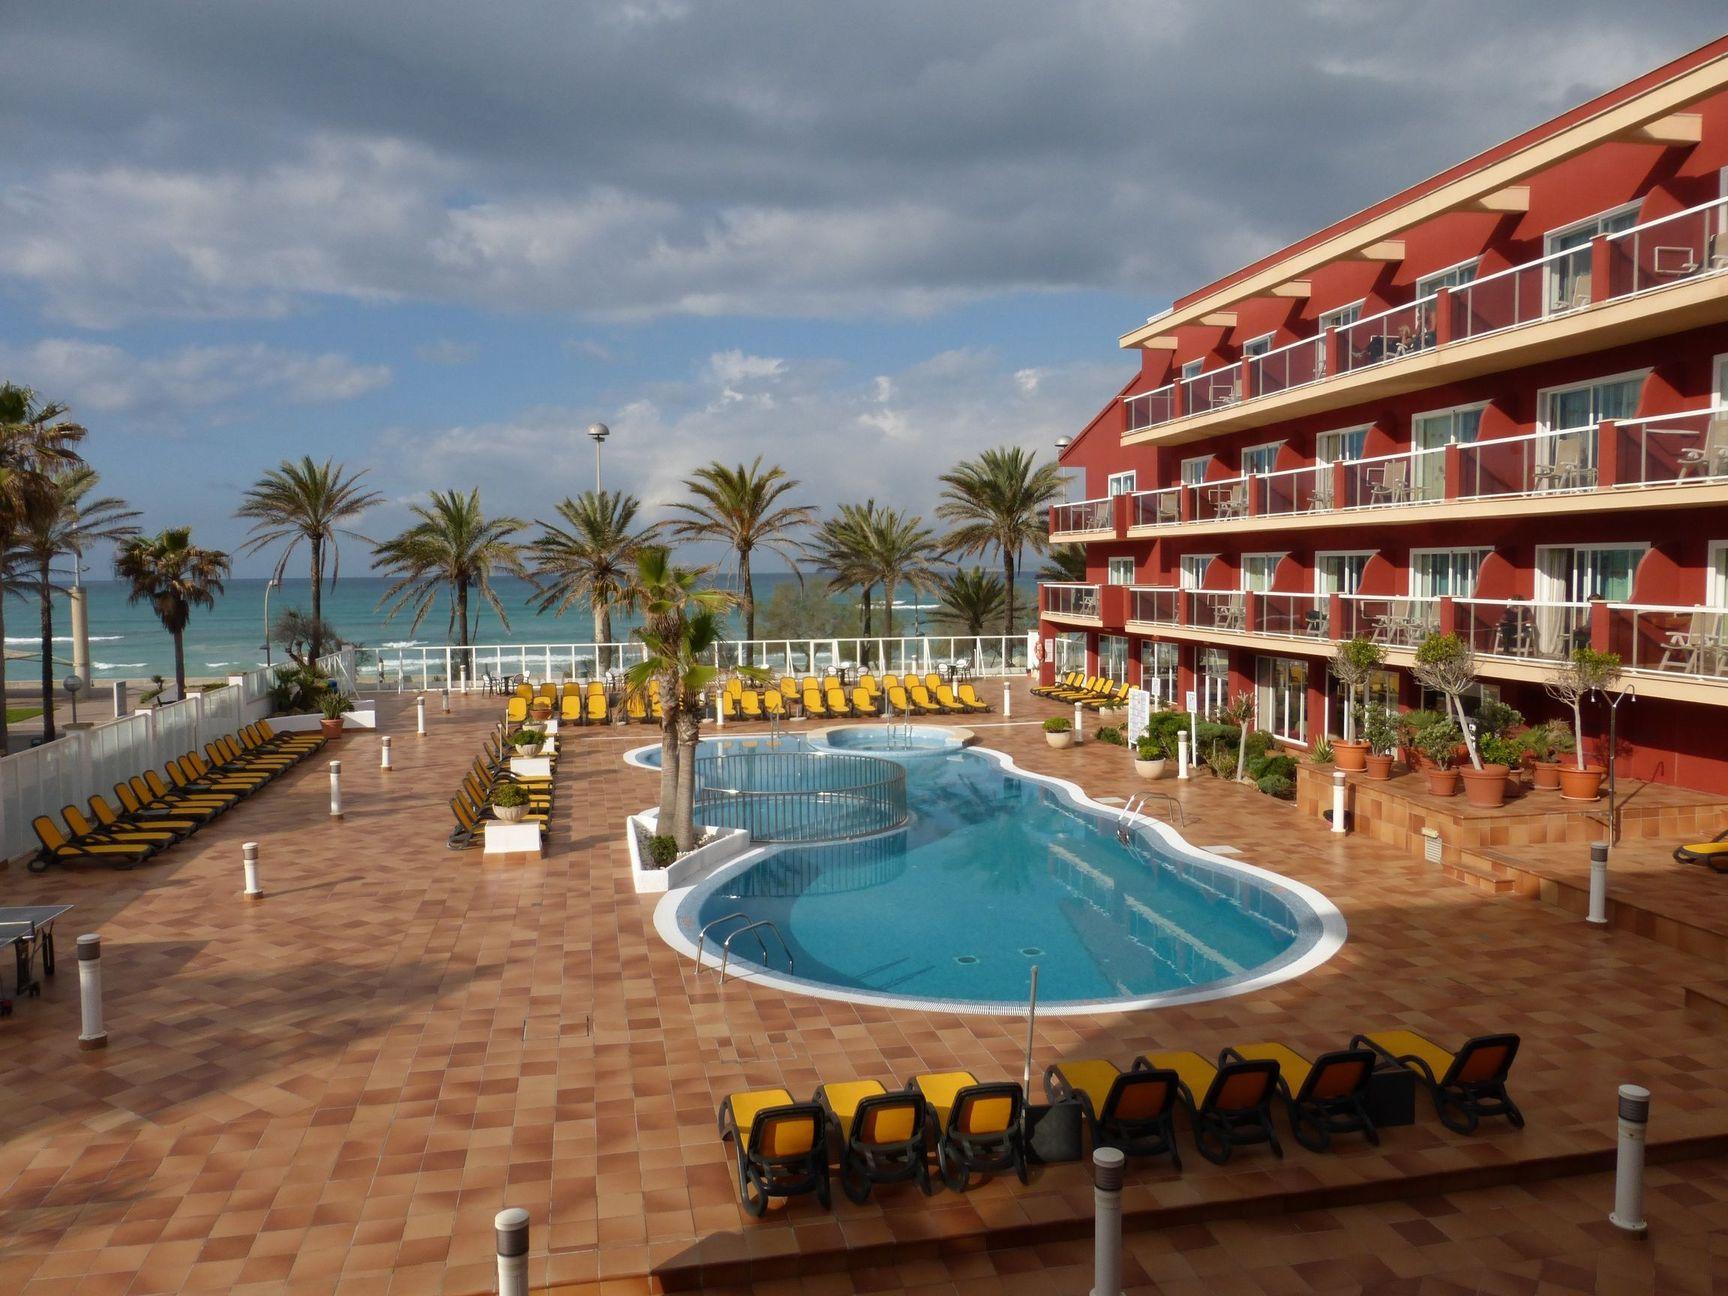 Hotel Neptuno mit Pool-Landschaft direkt am Meer